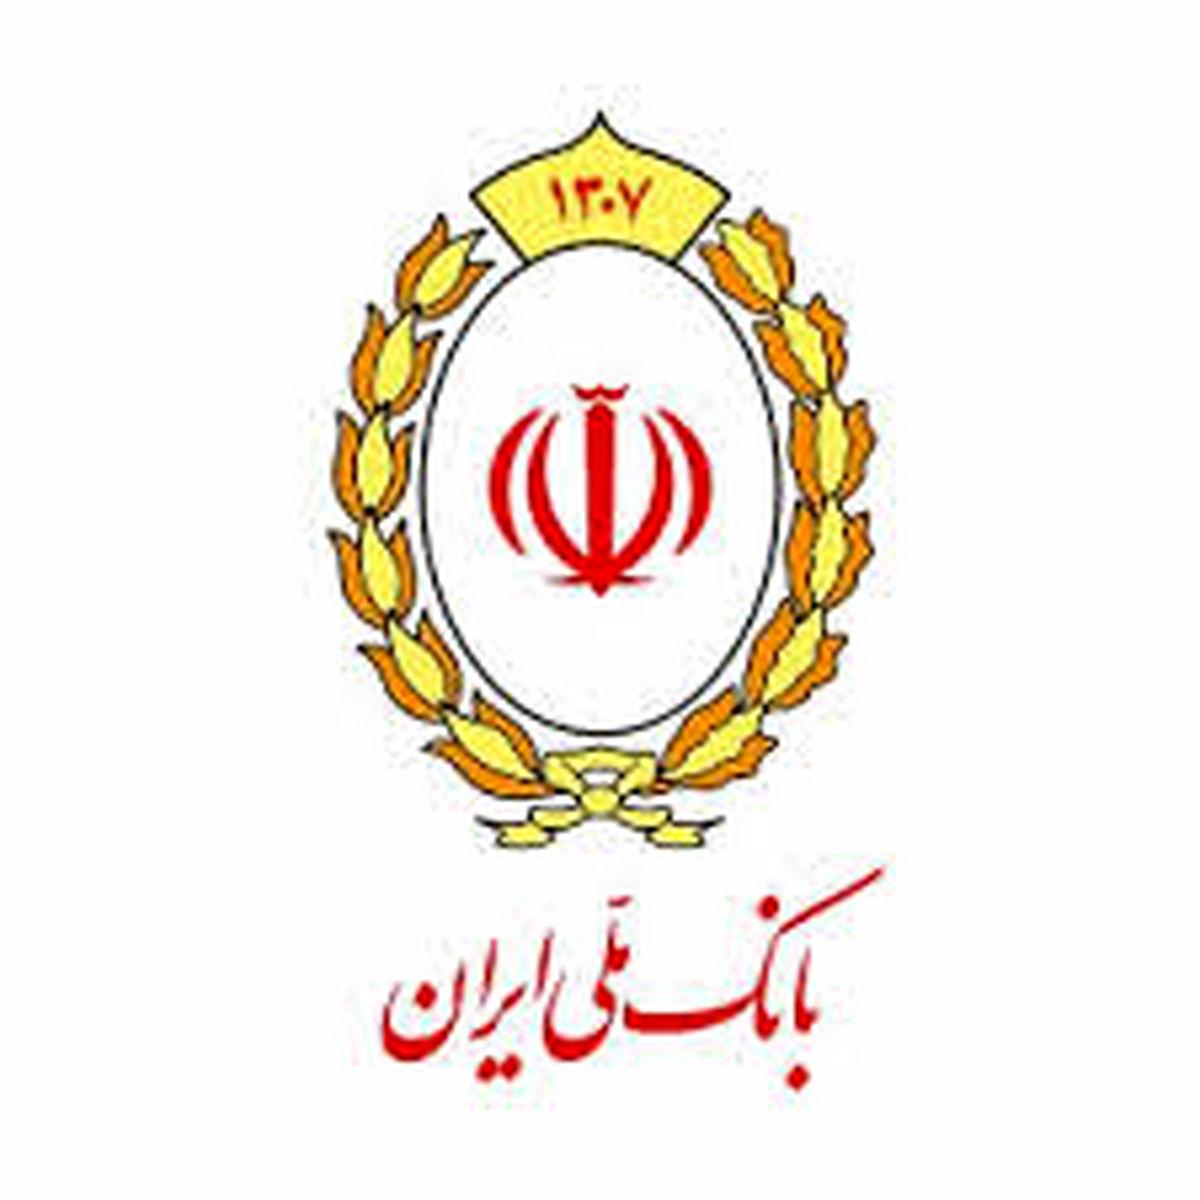 بانک ملی ایران شریک تجاری مطمئن برای ثنا